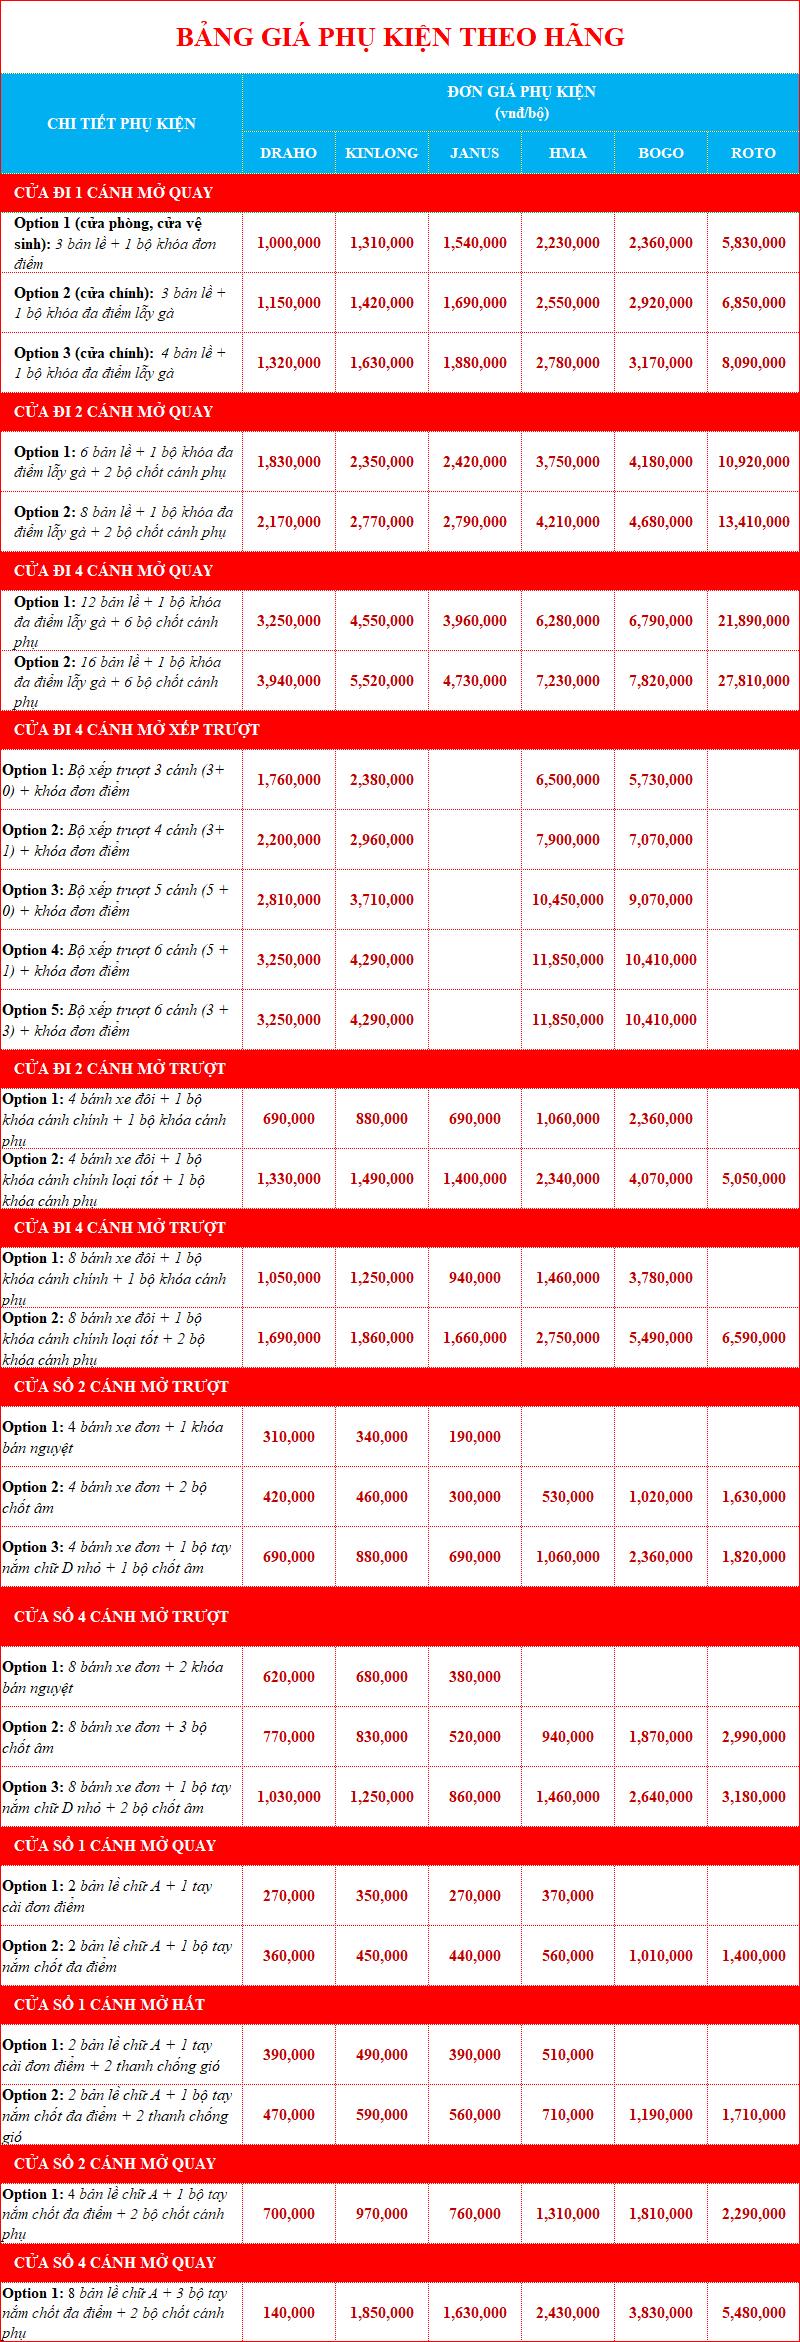 Giá phụ kiện cho cửa Xingfa theo hãng